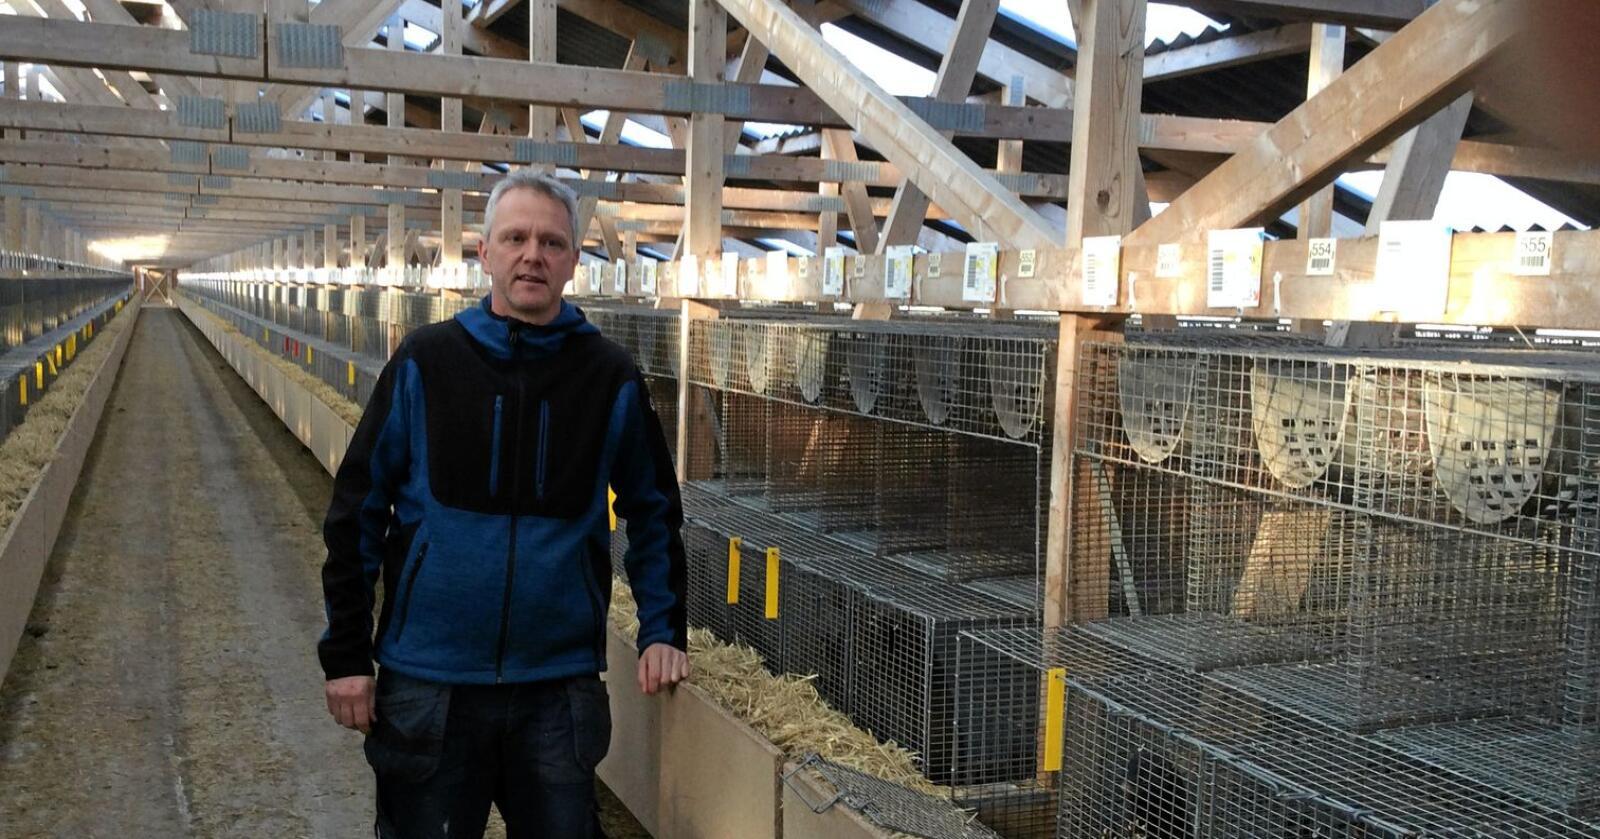 Milliontap: Bength Oftedal (49), pelsdyrbonde med mink ved Sola på Jæren, mister fleire millionar kroner i kompensasjon sidan han gir dyra større plass enn minstekrava i regelverket. Foto: Privat